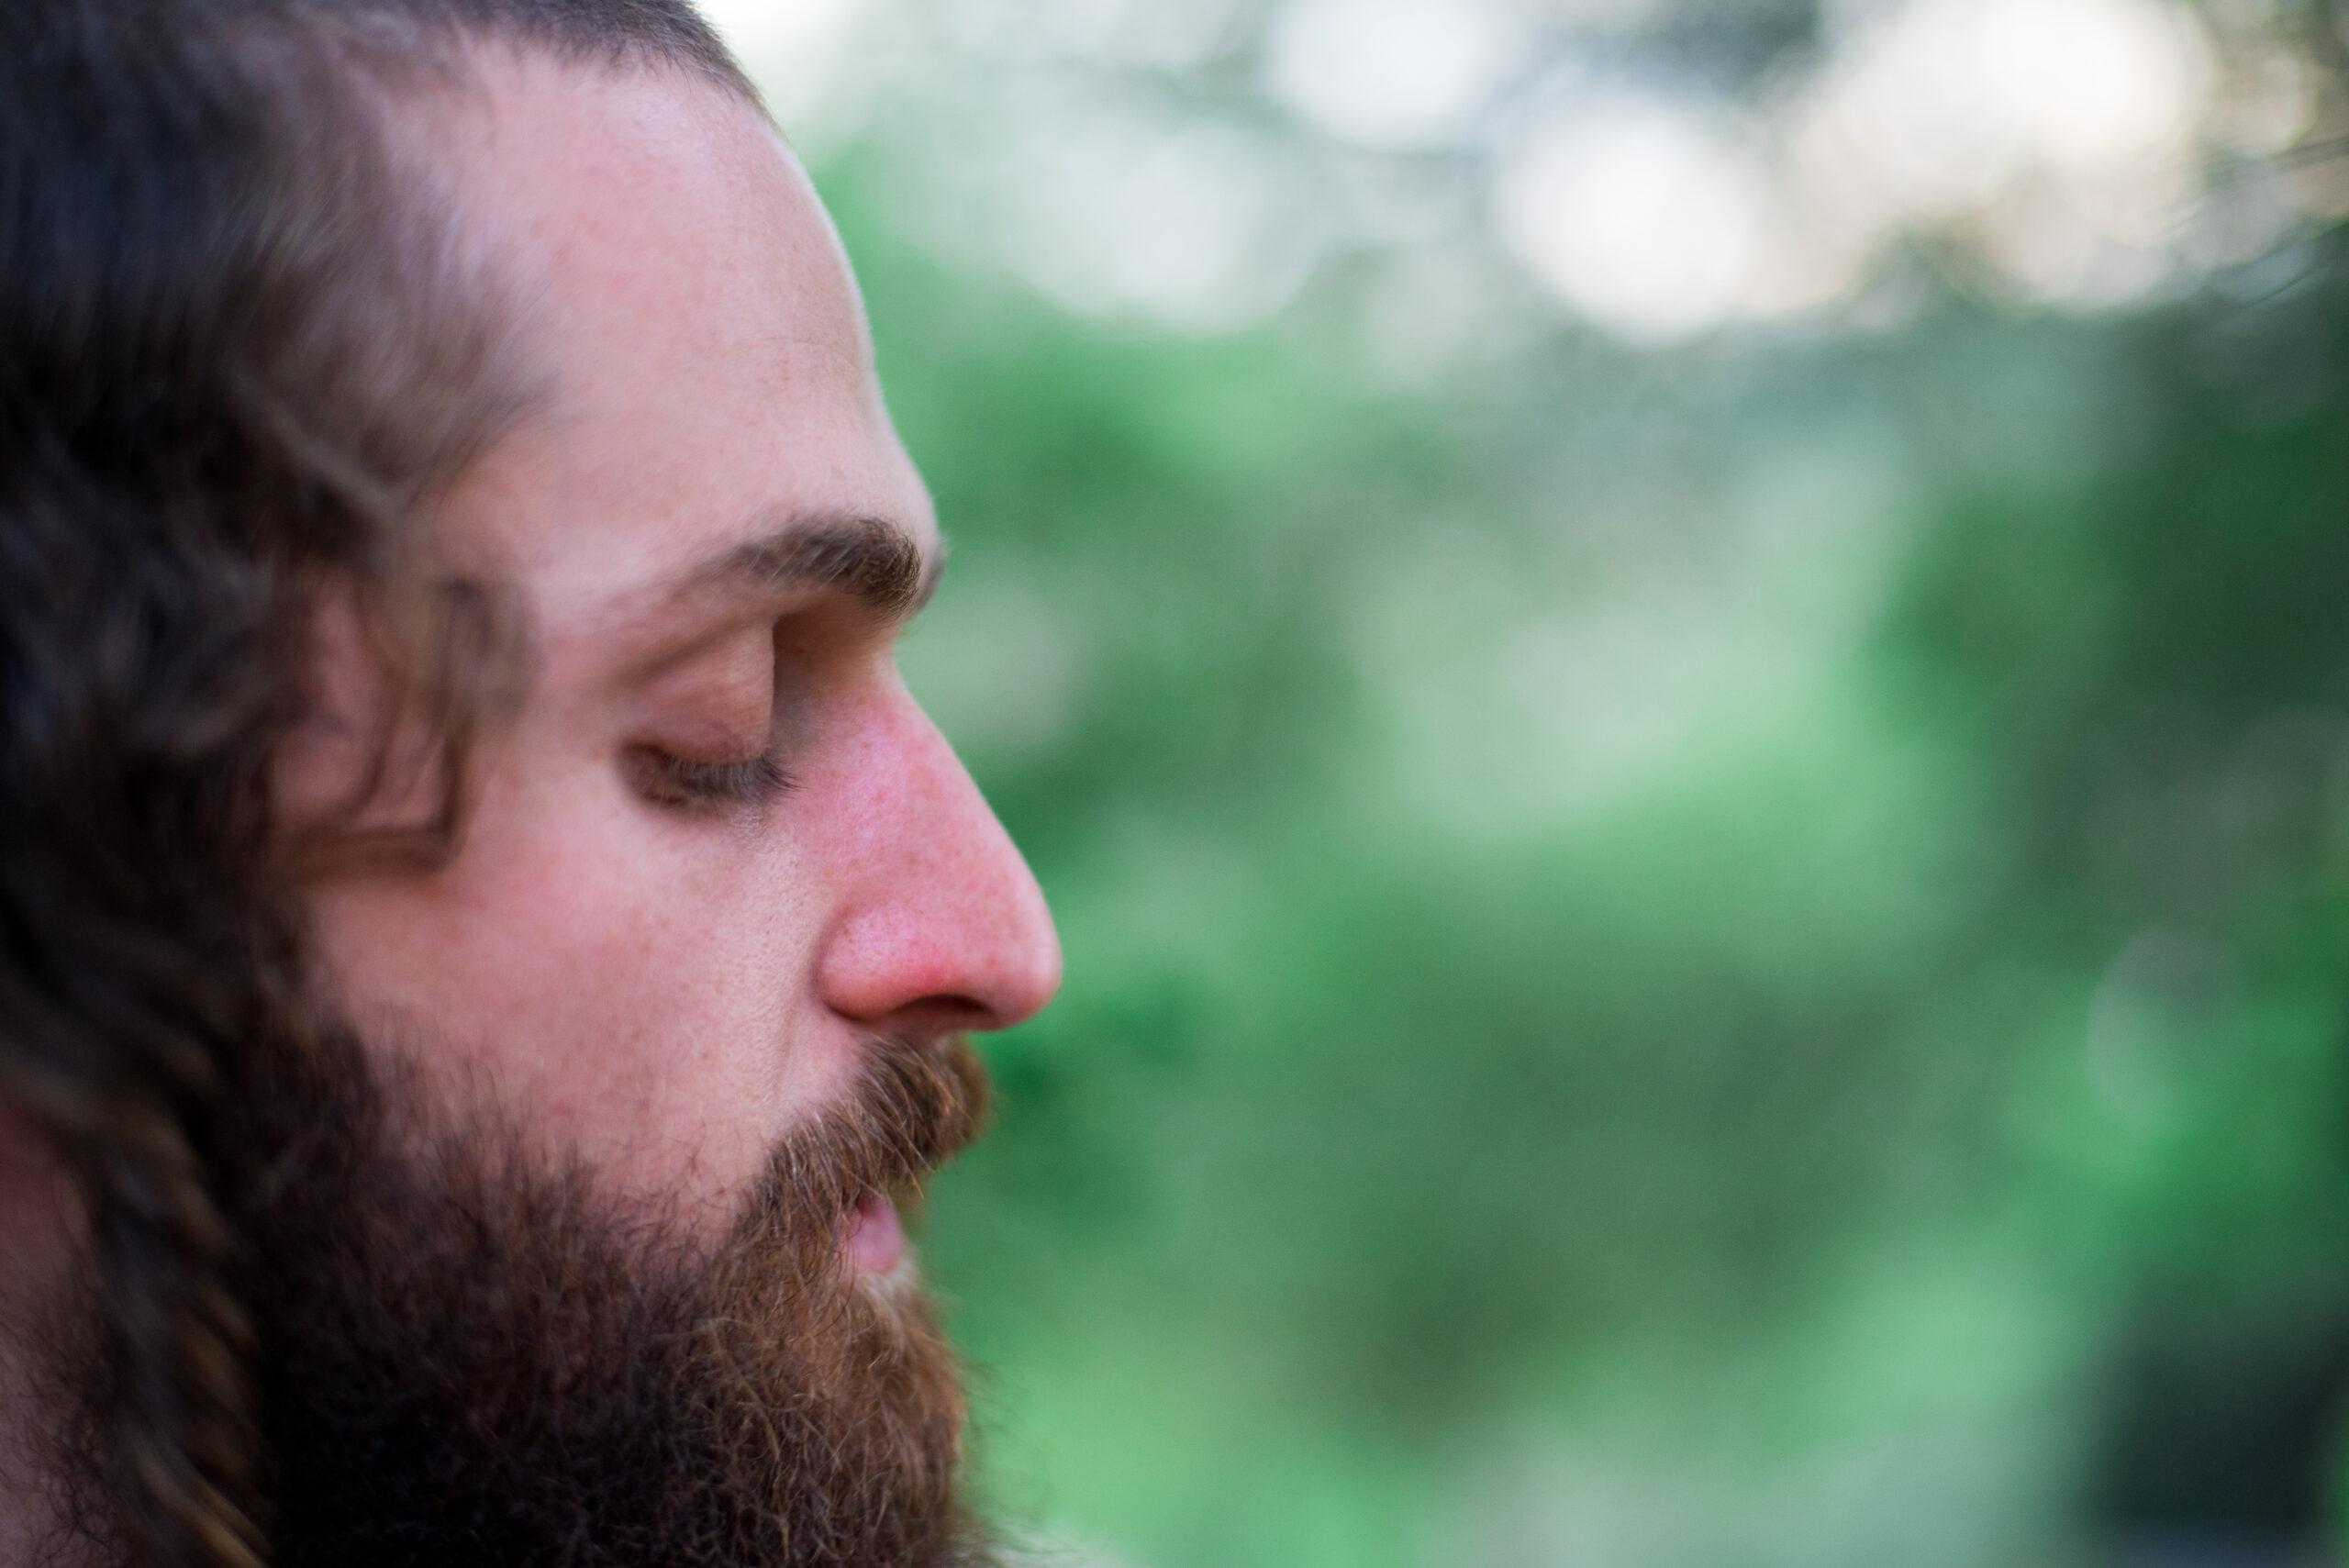 שמואל פרדניק מרגש בסינגל חדש: 'חנון המרבה לסלוח' 10